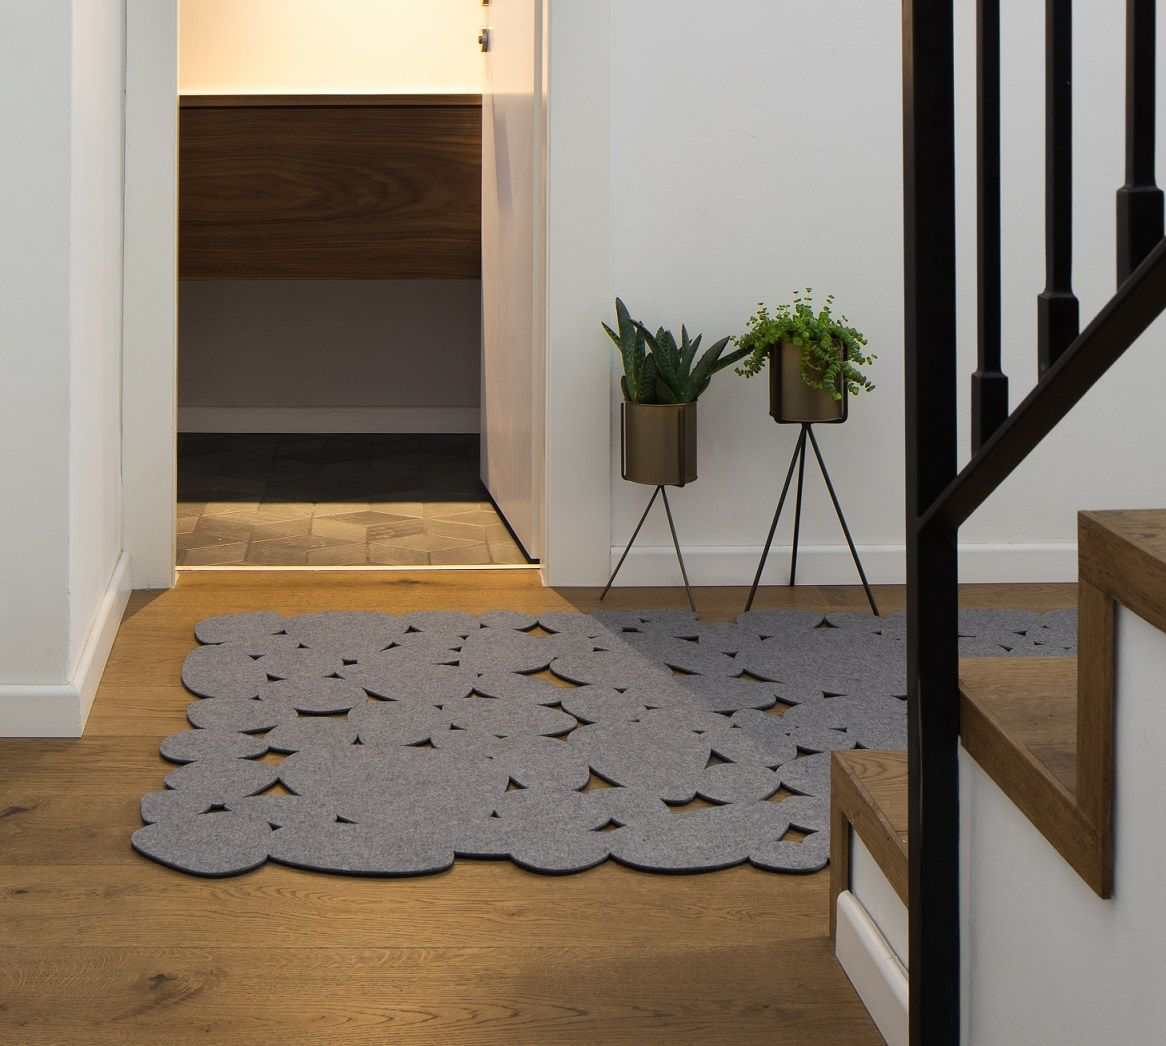 שטיח לבד Pebbles בצבע סגול